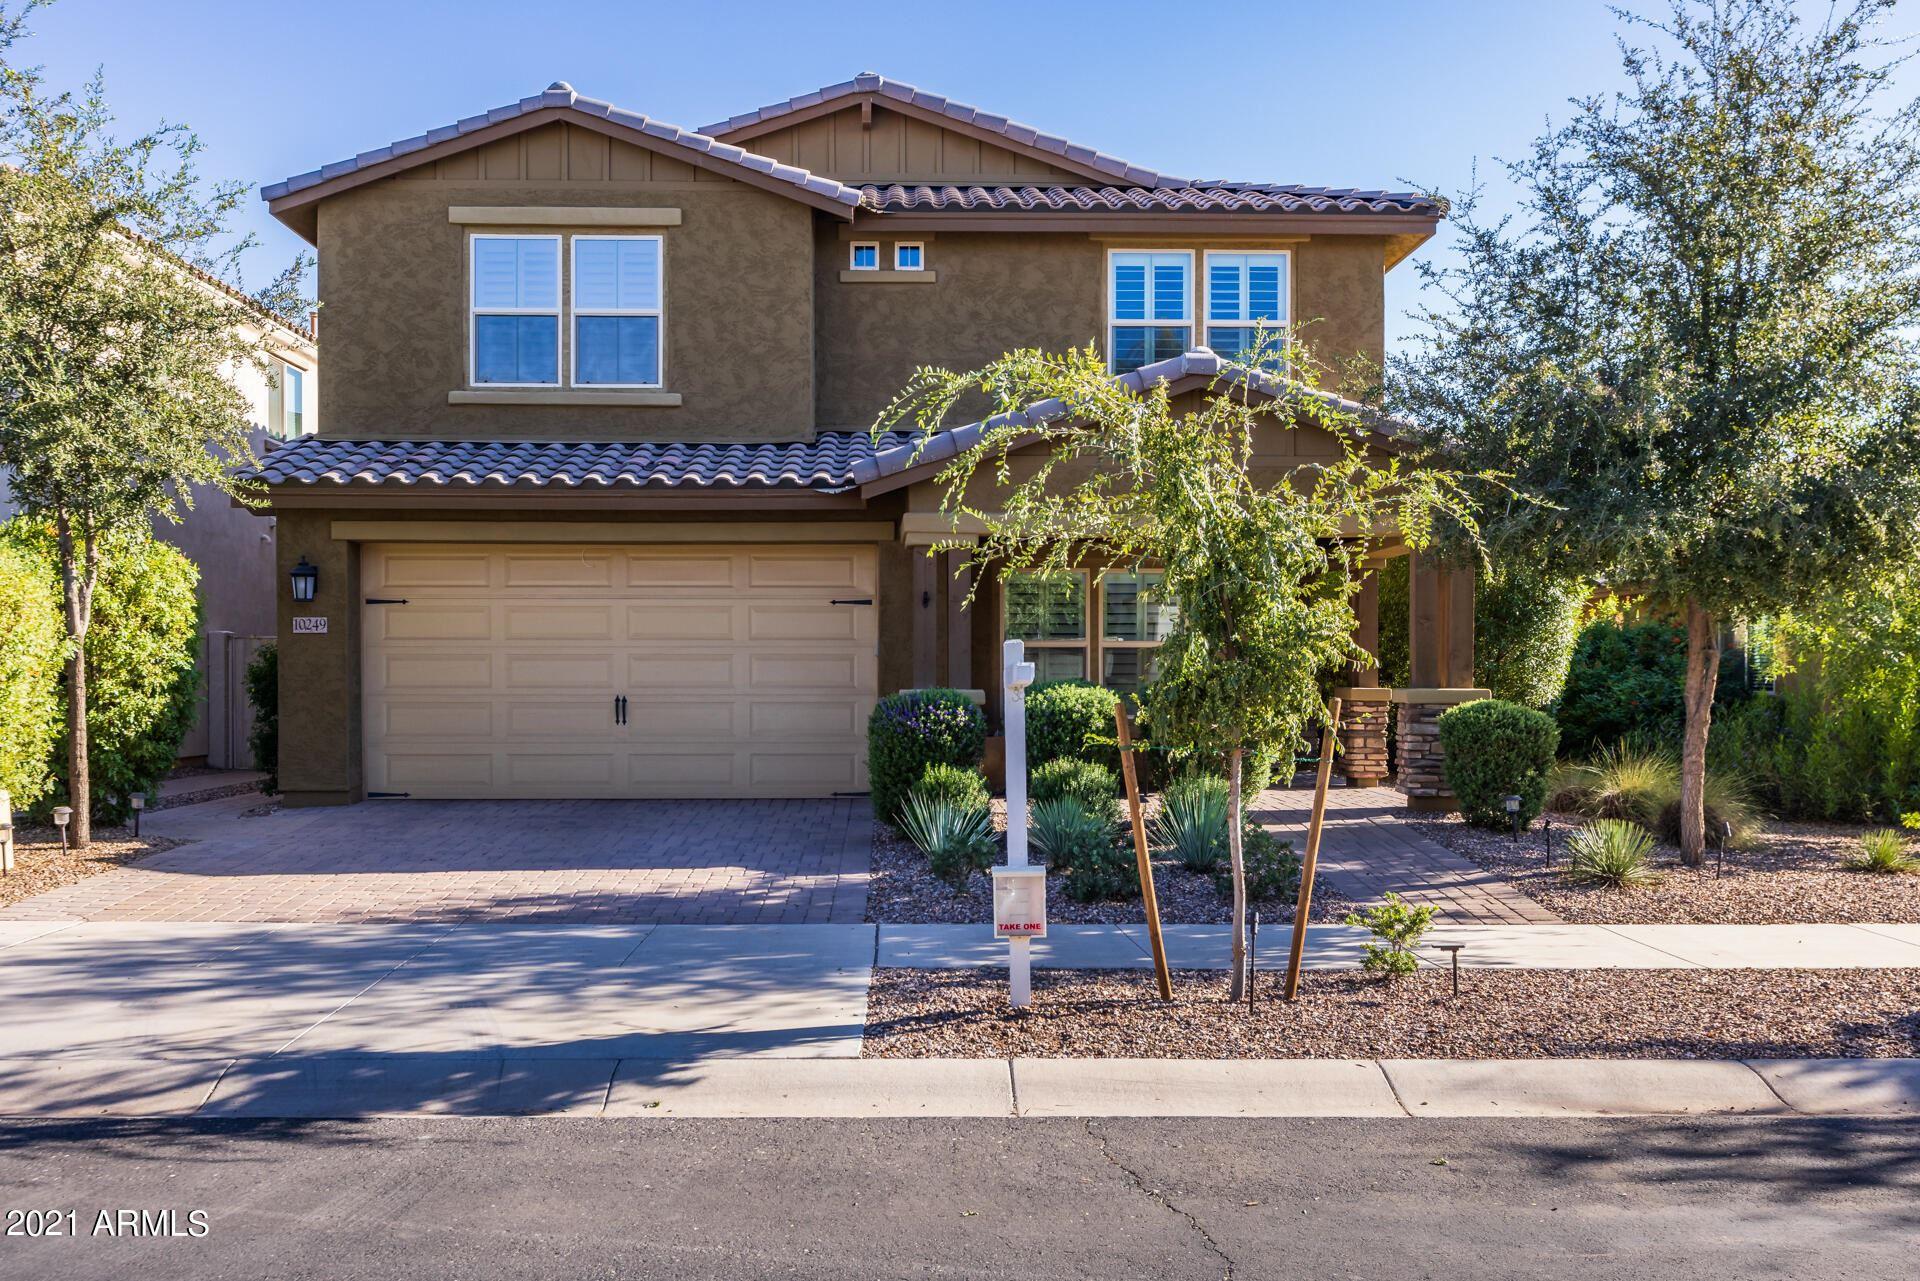 Photo of 10249 E KINETIC Drive, Mesa, AZ 85212 (MLS # 6307773)